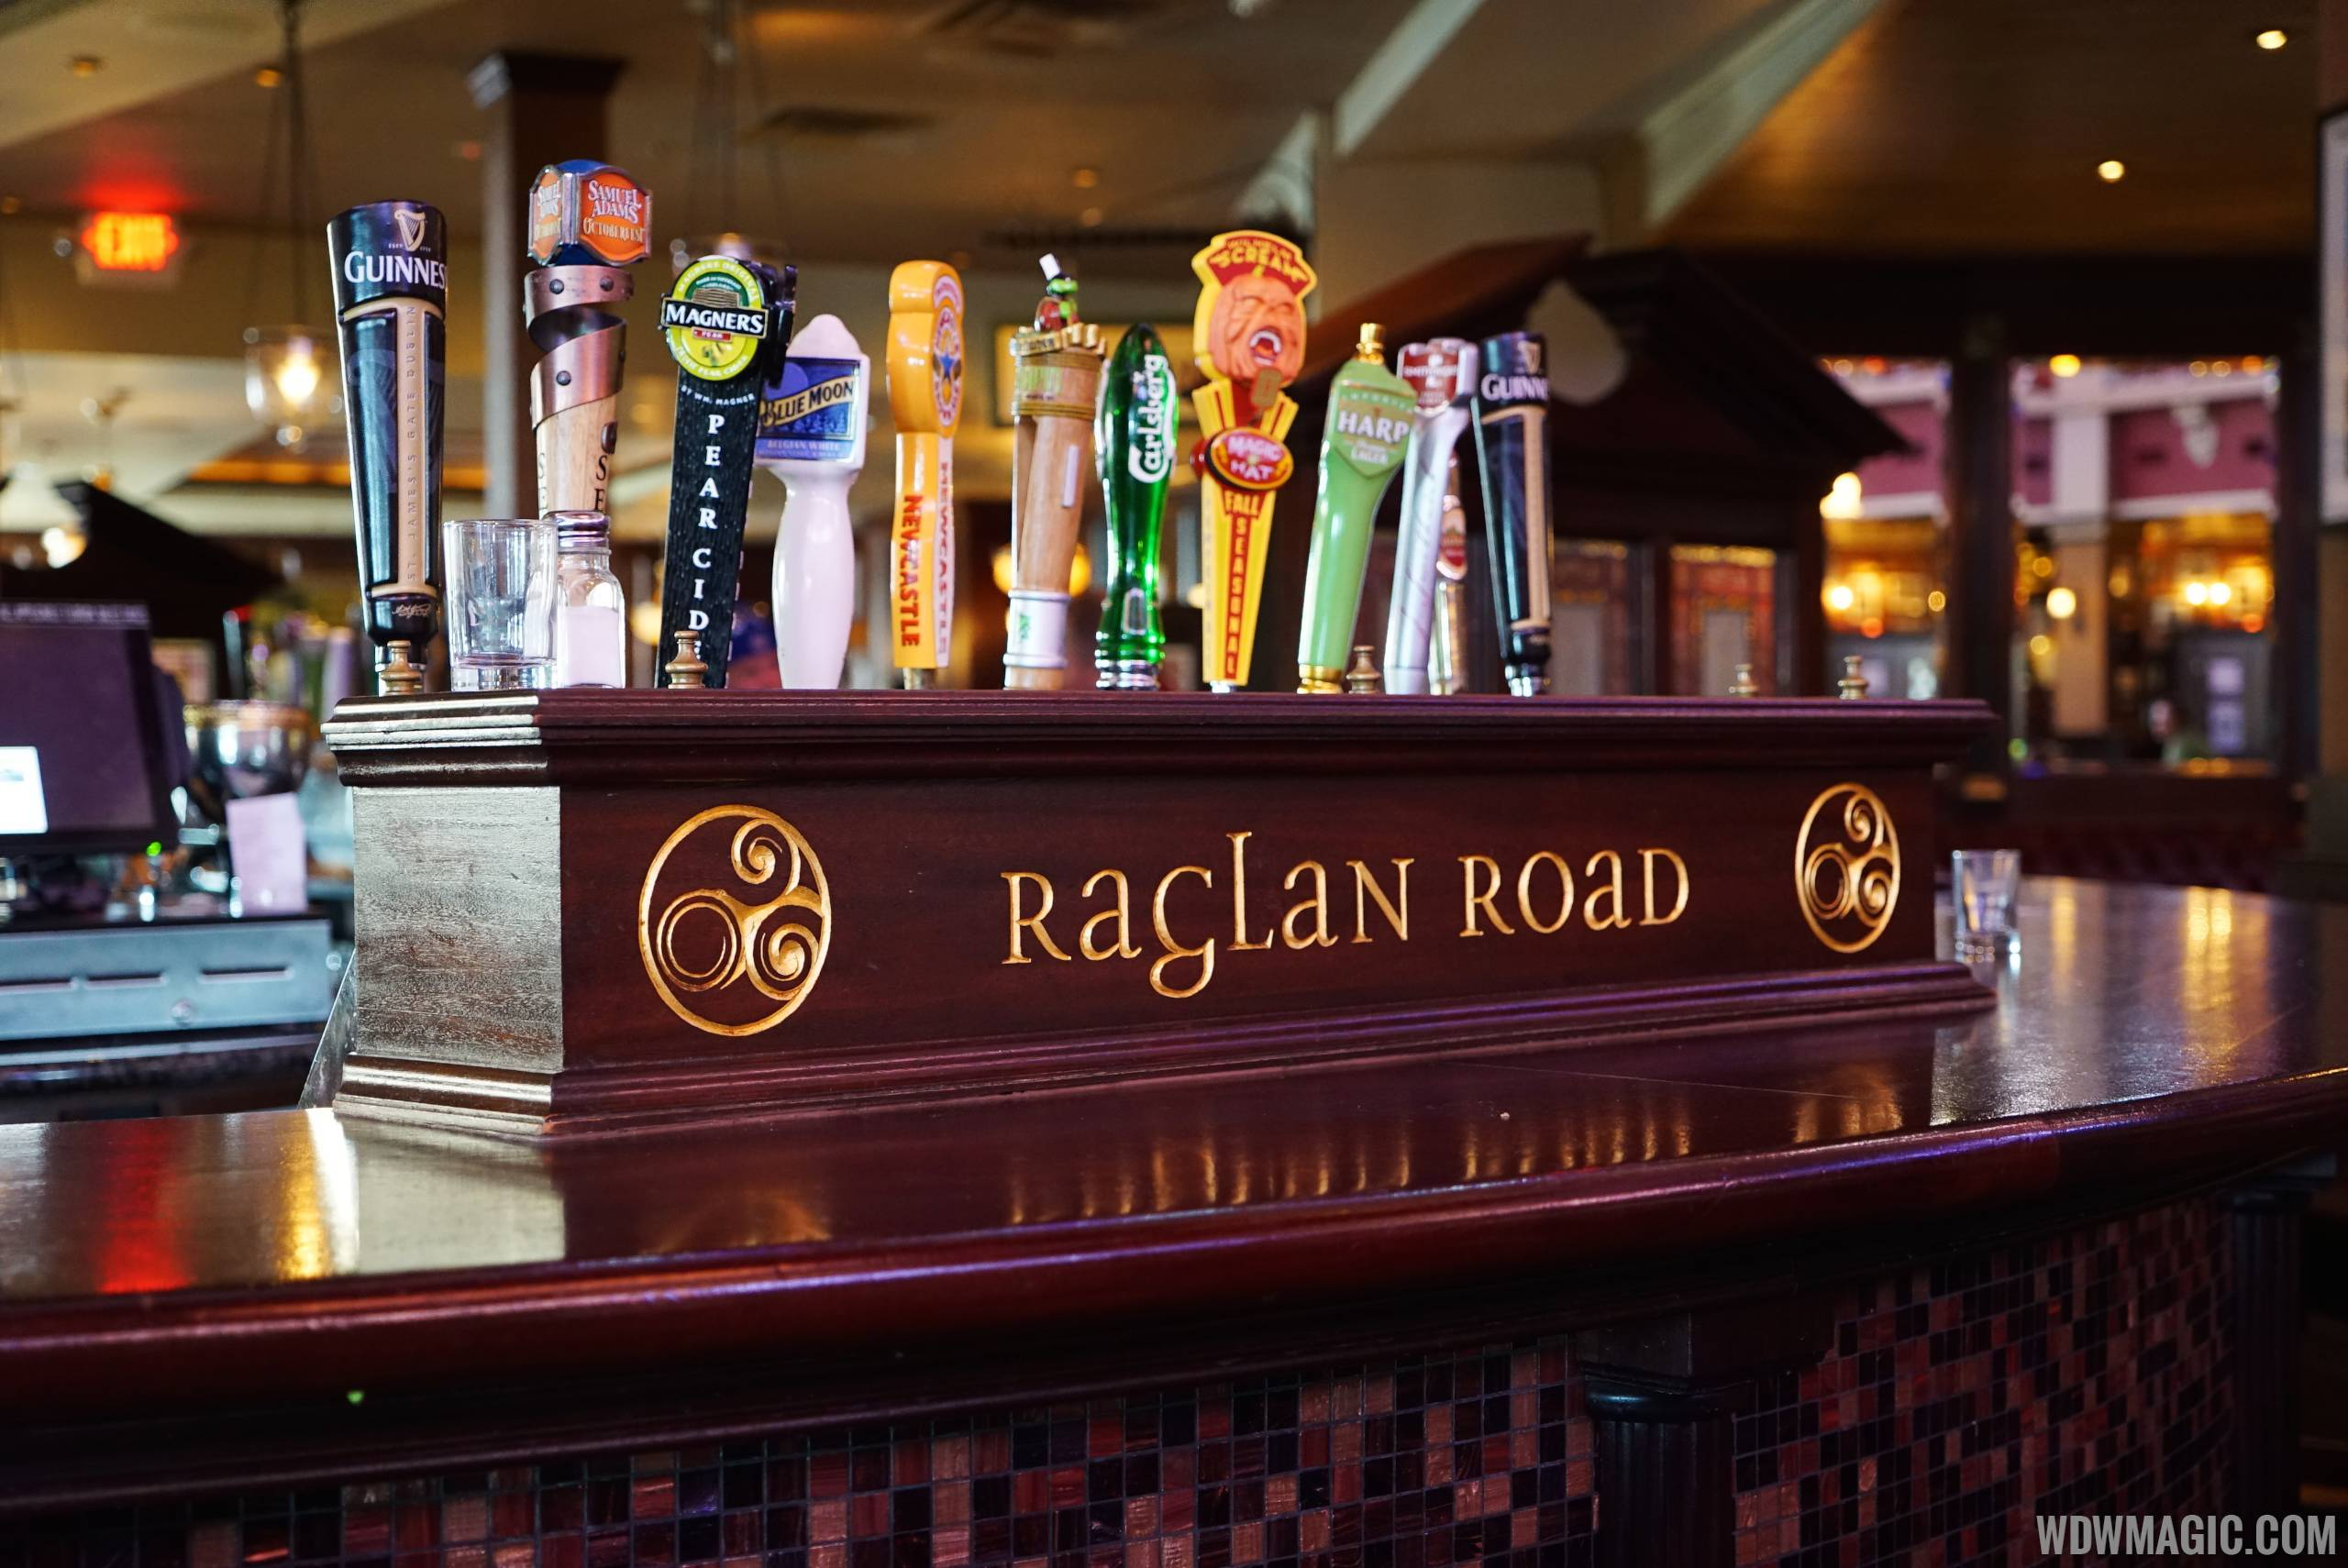 Raglan Road overview